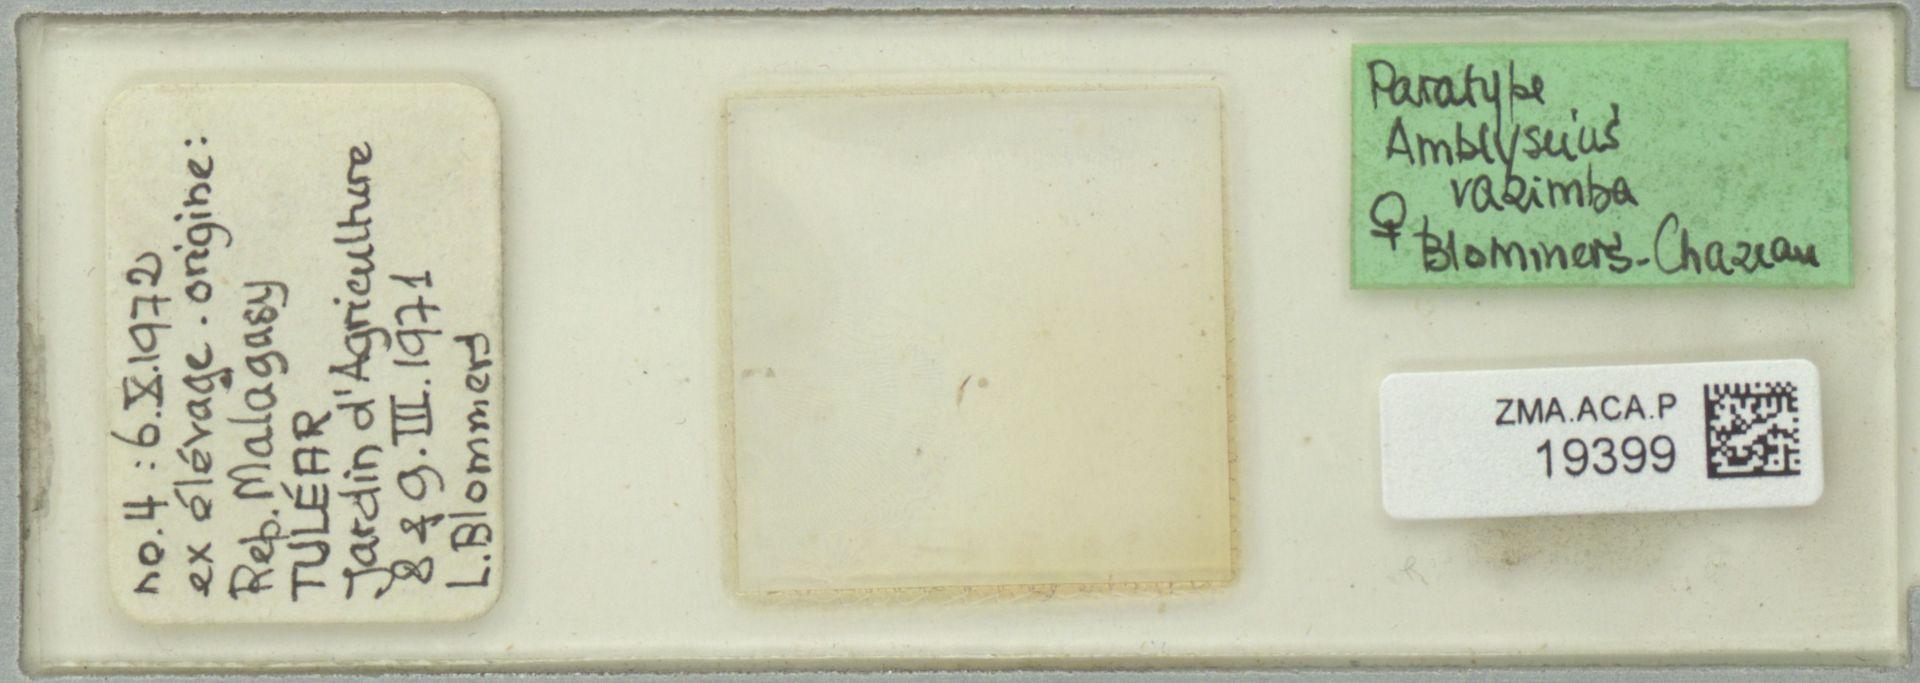 ZMA.ACA.P.19399 | Amblyseius razimba Blommers & Chazeau